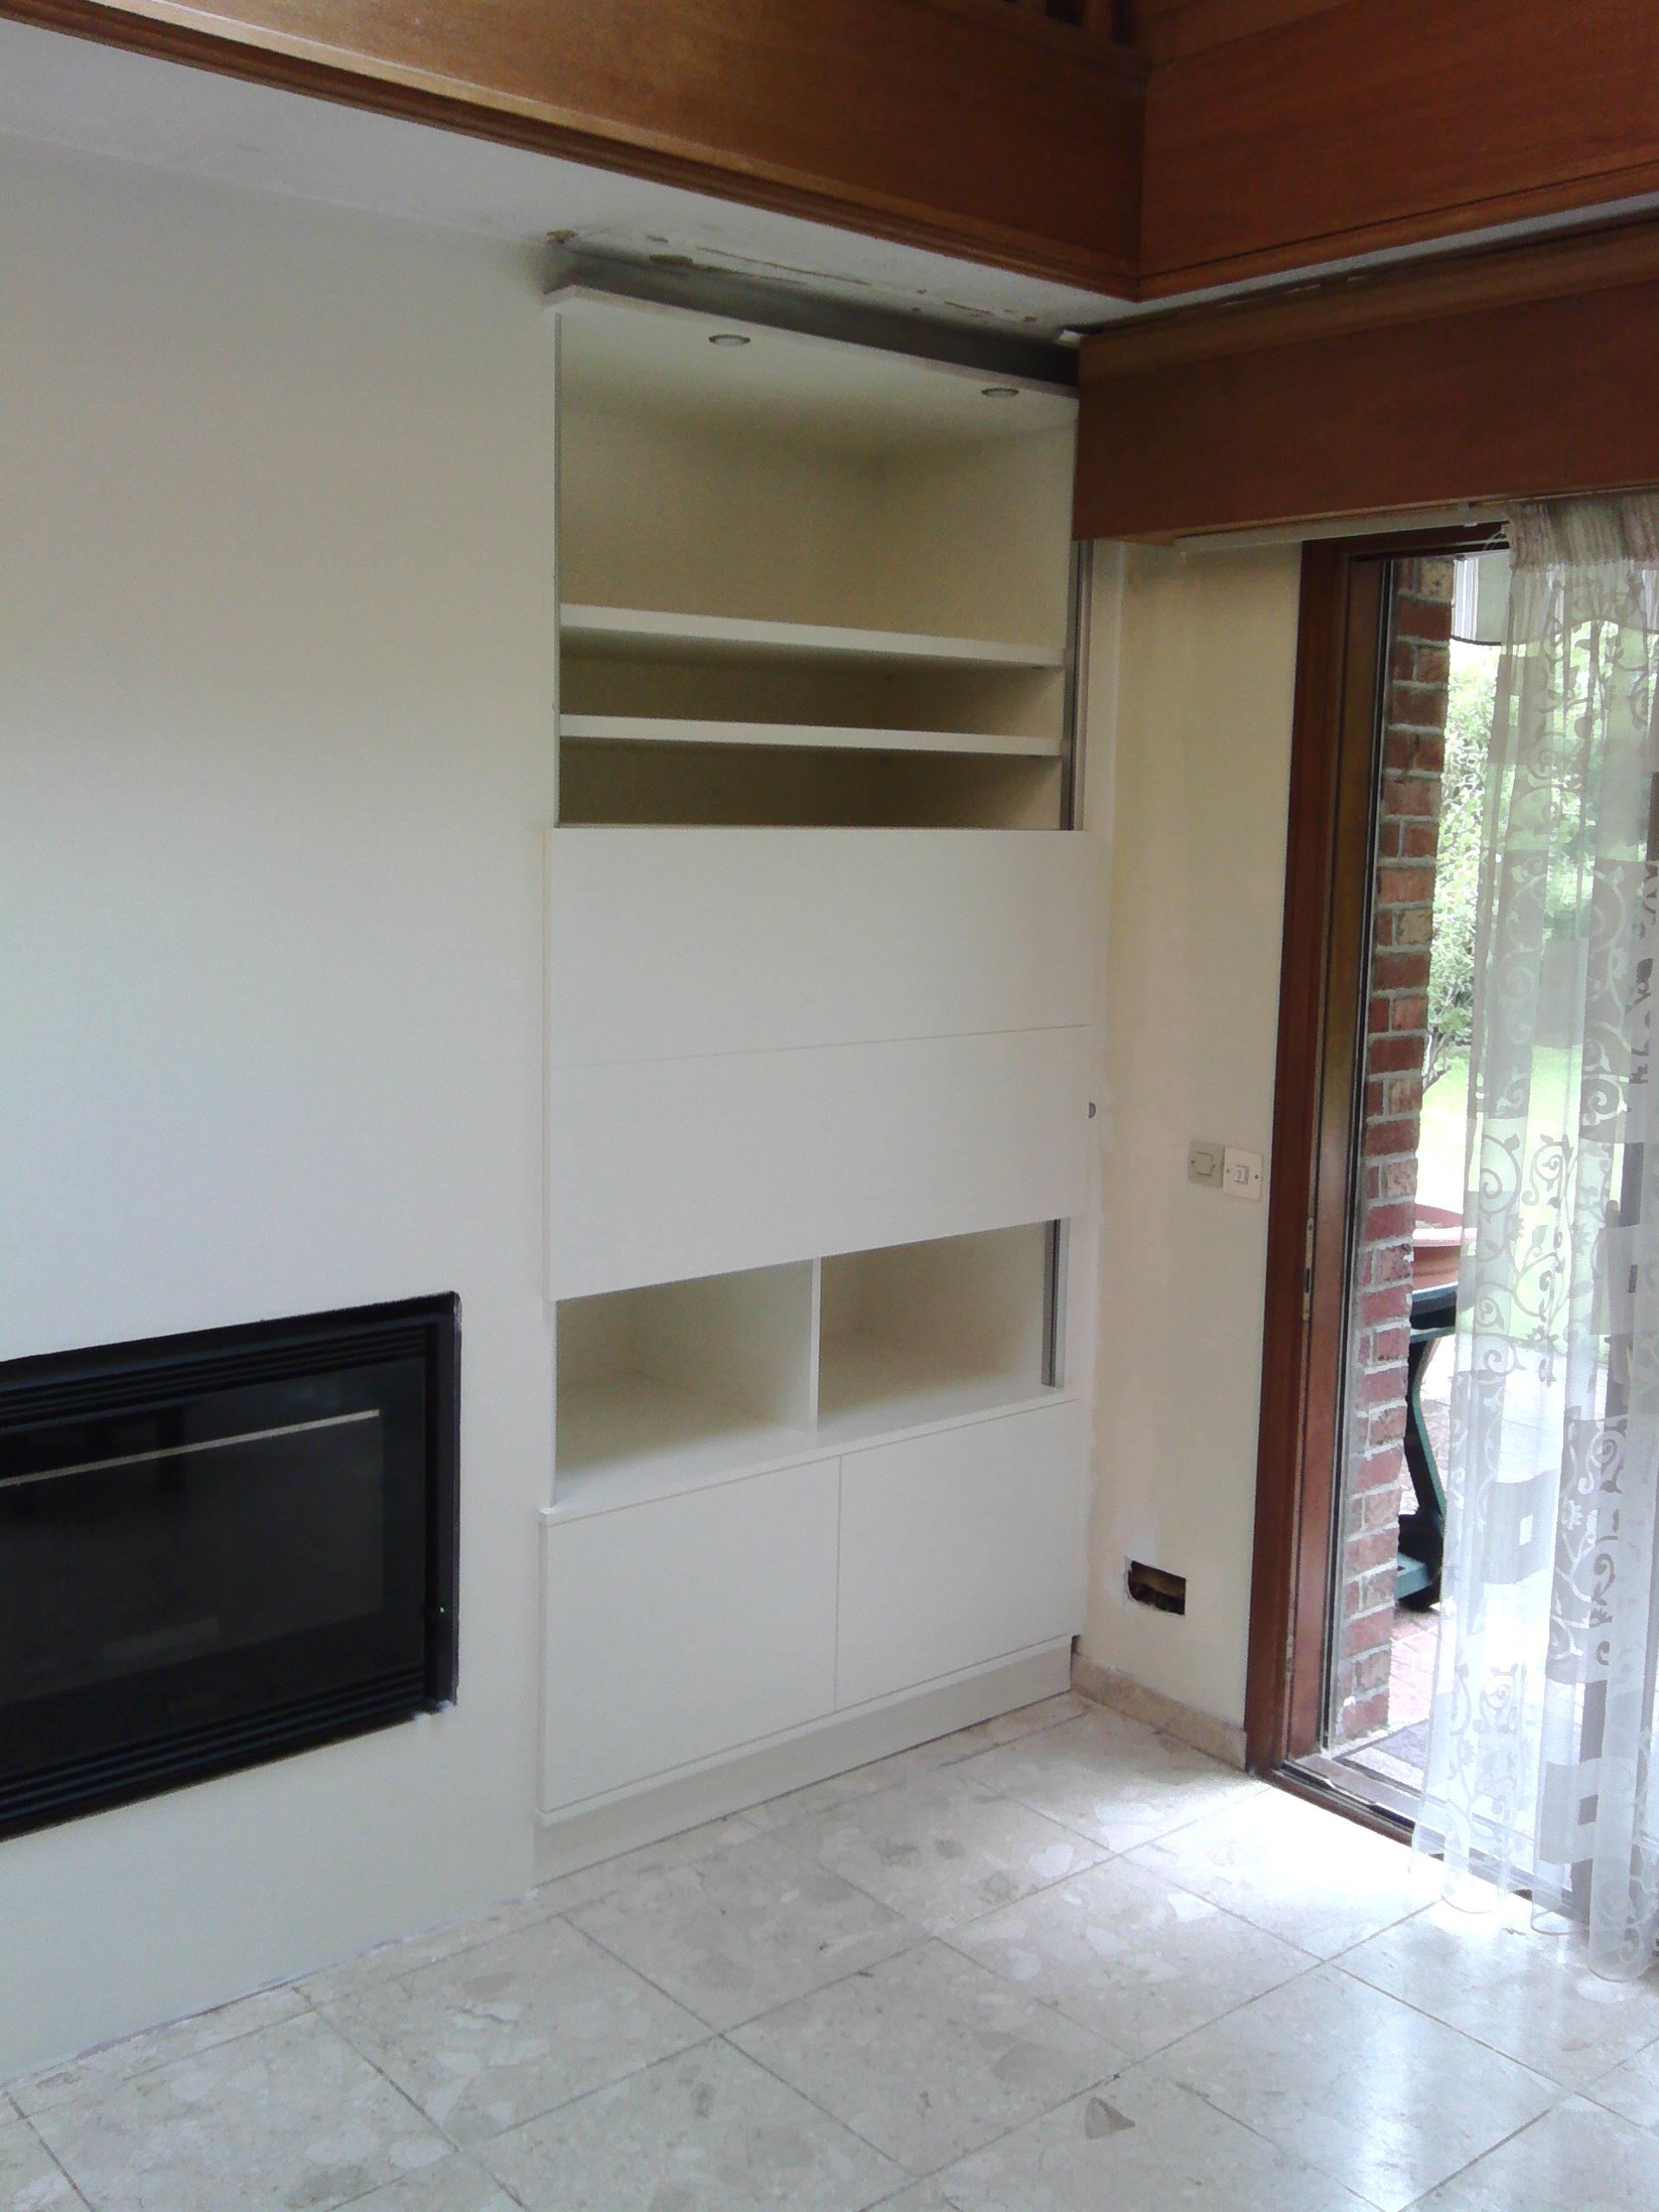 meuble avec tv int gr e le kiosque amenagement. Black Bedroom Furniture Sets. Home Design Ideas